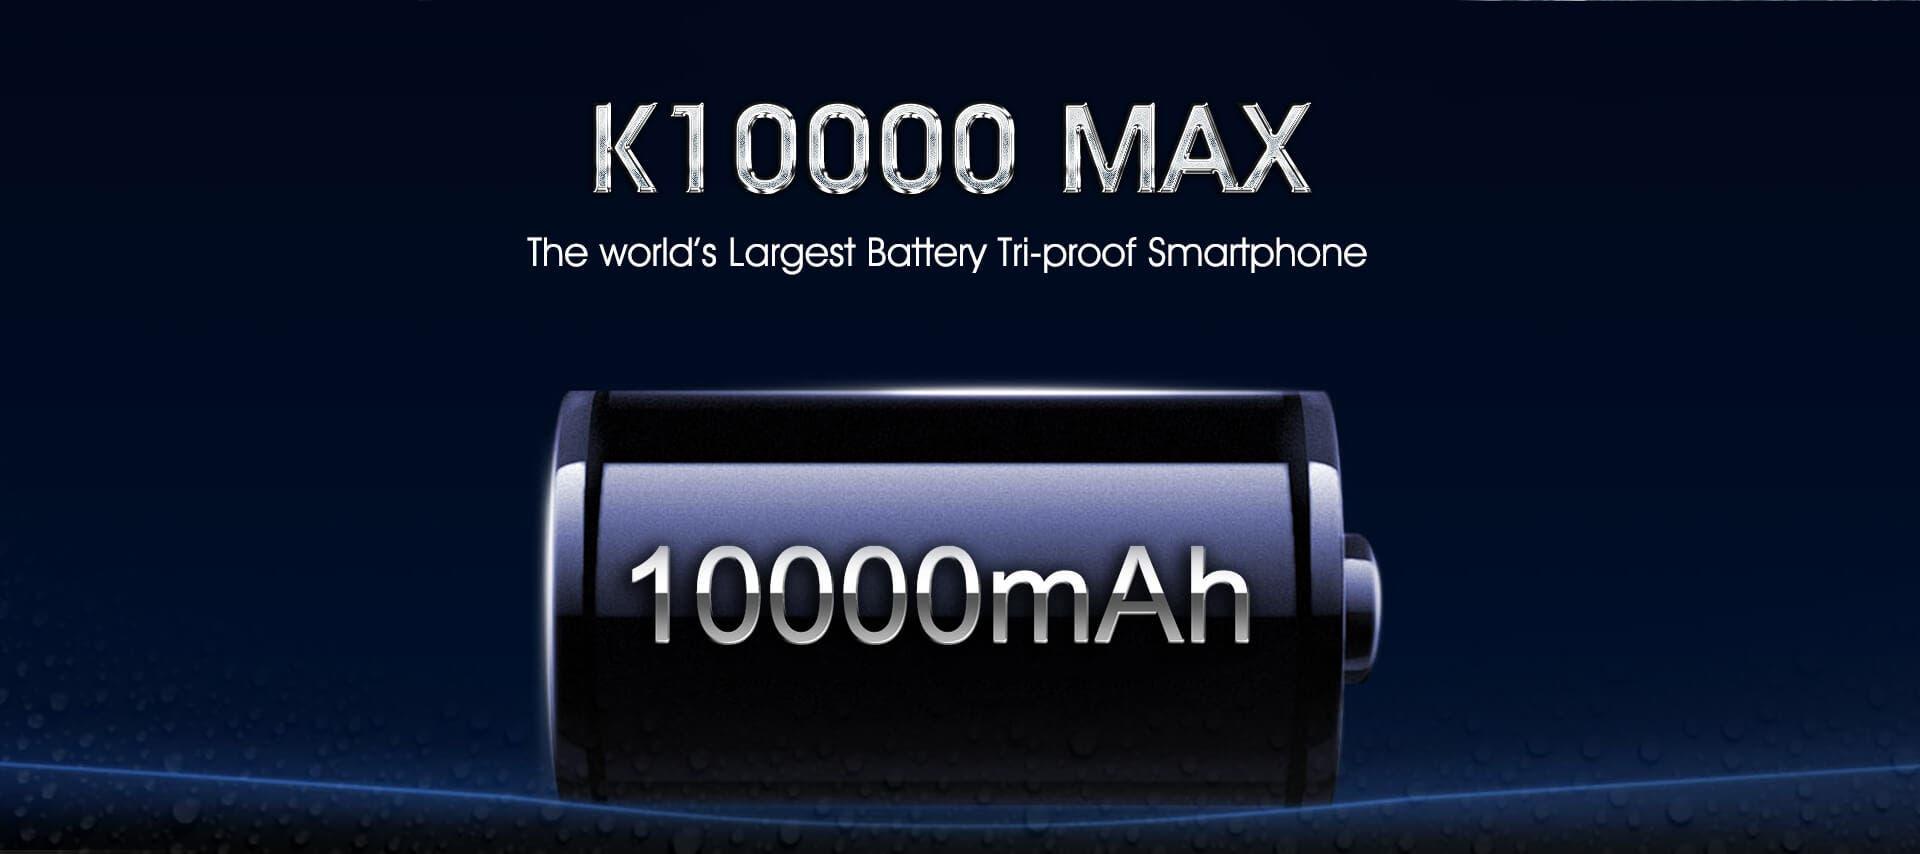 Batería de 10000 mAh del Oukitel K10000 MAX